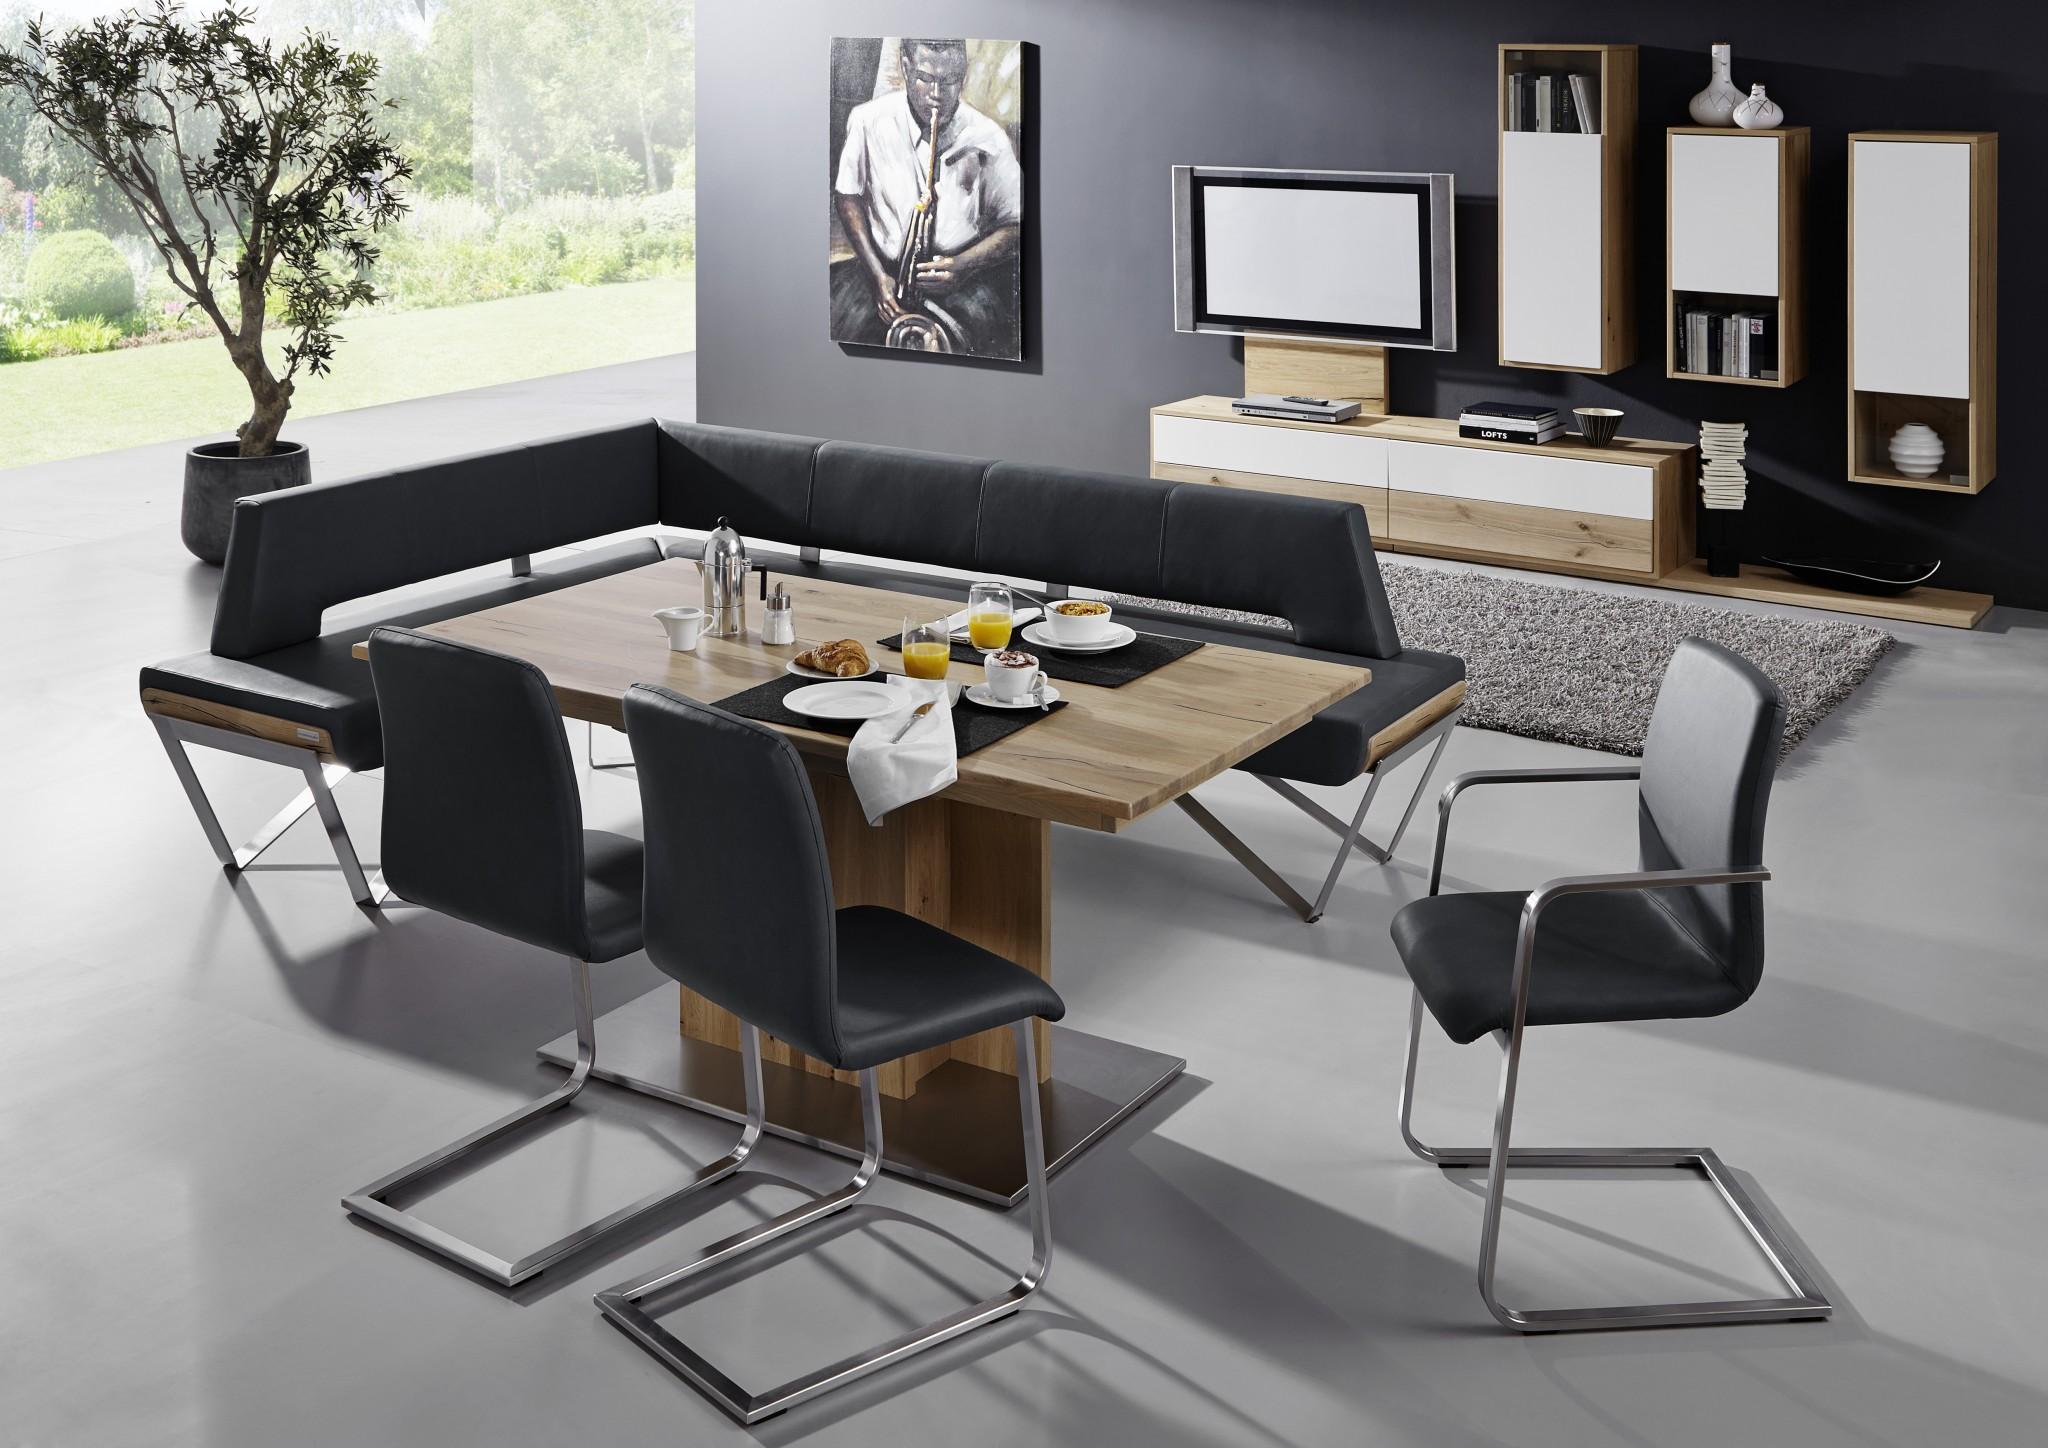 Esszimmer + Massivholztische - Möbel Polt Möbelhaus Esszimmer Eckbank Voglauer